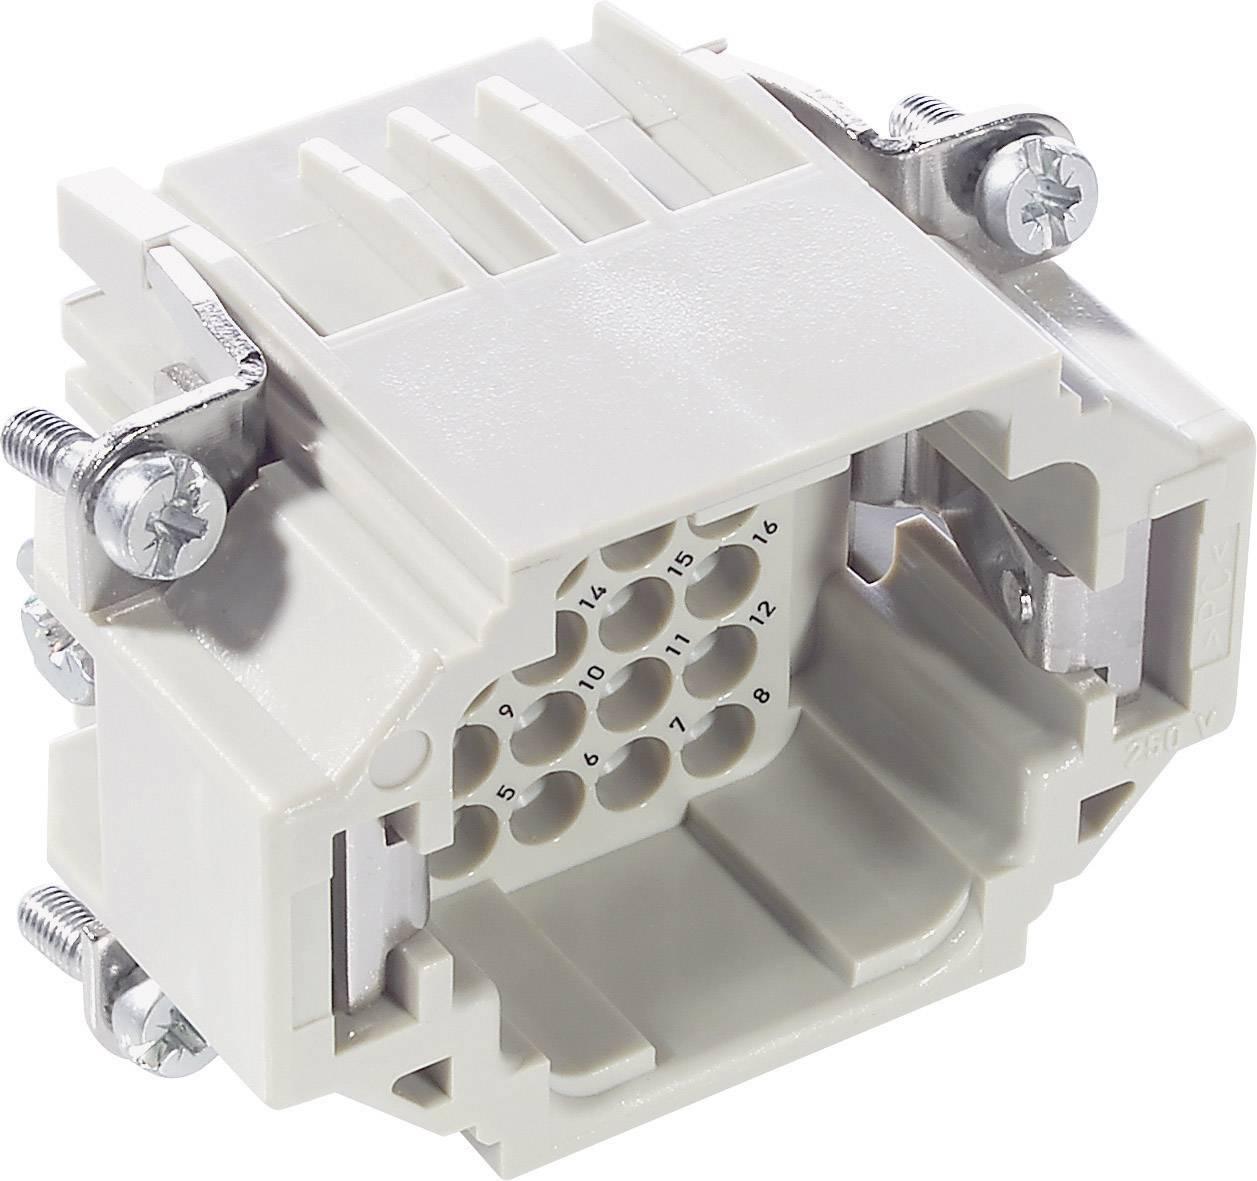 Vložka pinového konektoru EPIC® H-DD 24 11285000 LappKabel počet kontaktů 24 + PE 1 ks